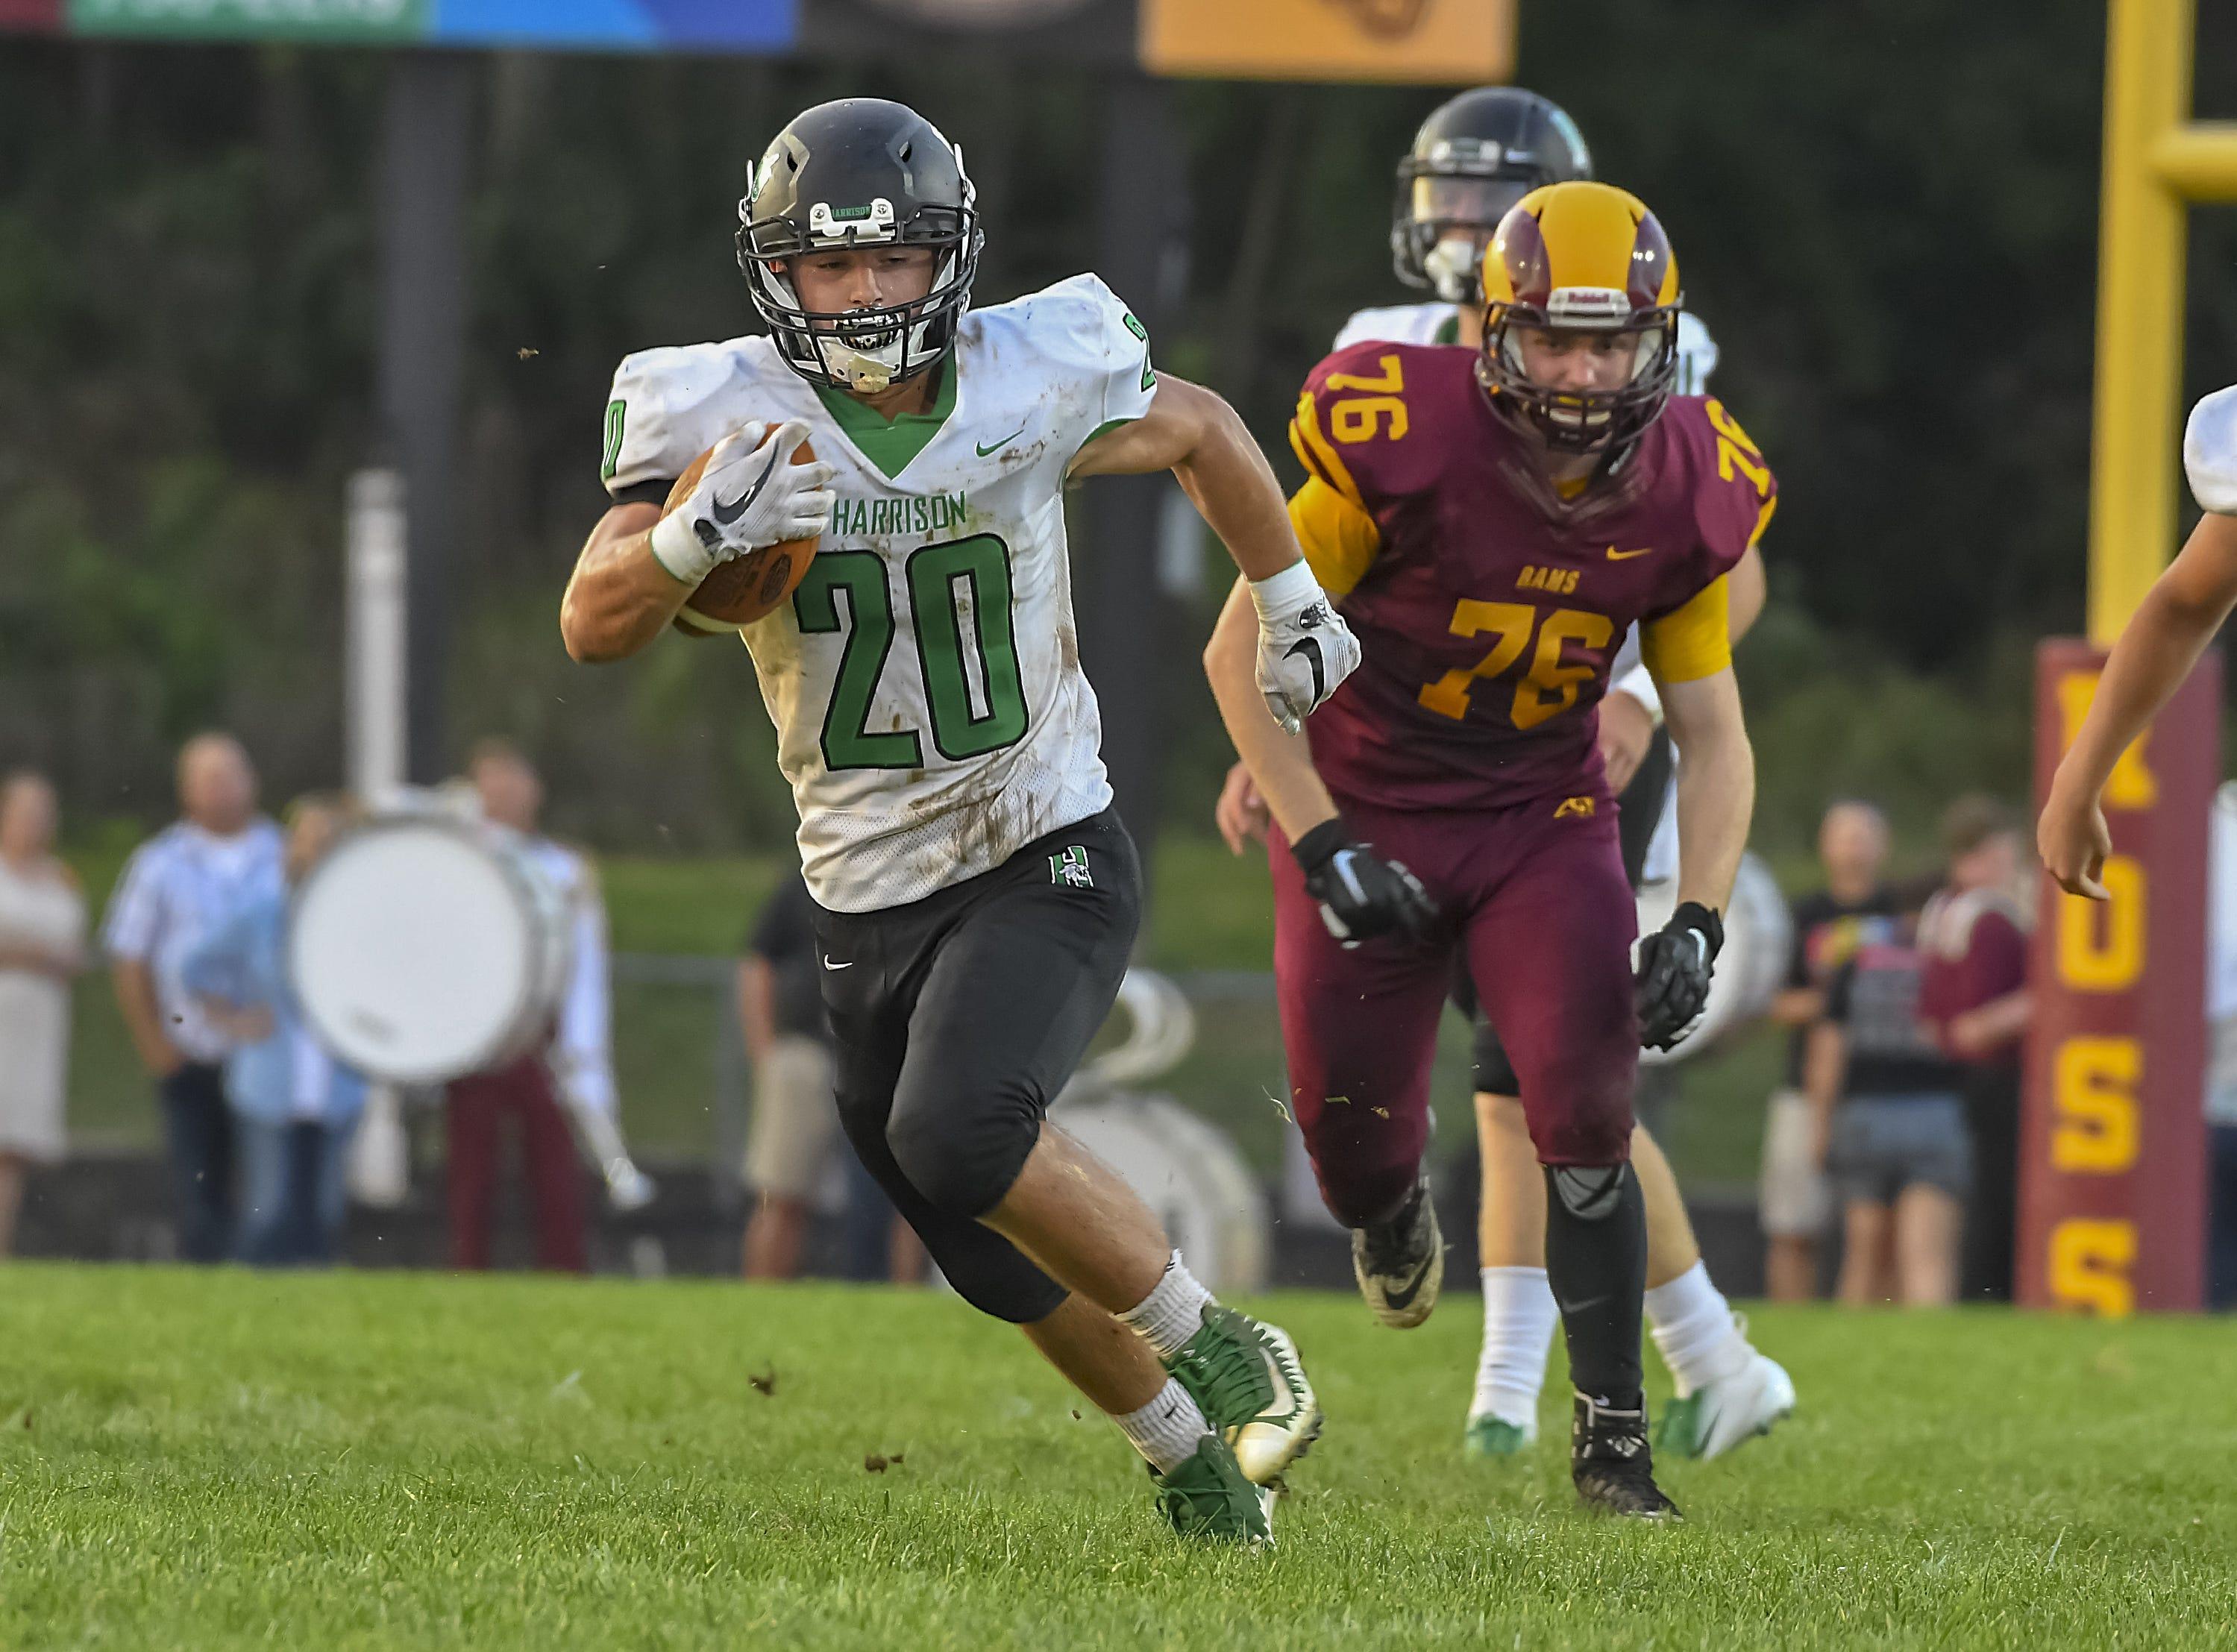 Harrison running back Jacob Reardon runs the ball against Ross, Ross High School, Friday, September 14, 2018